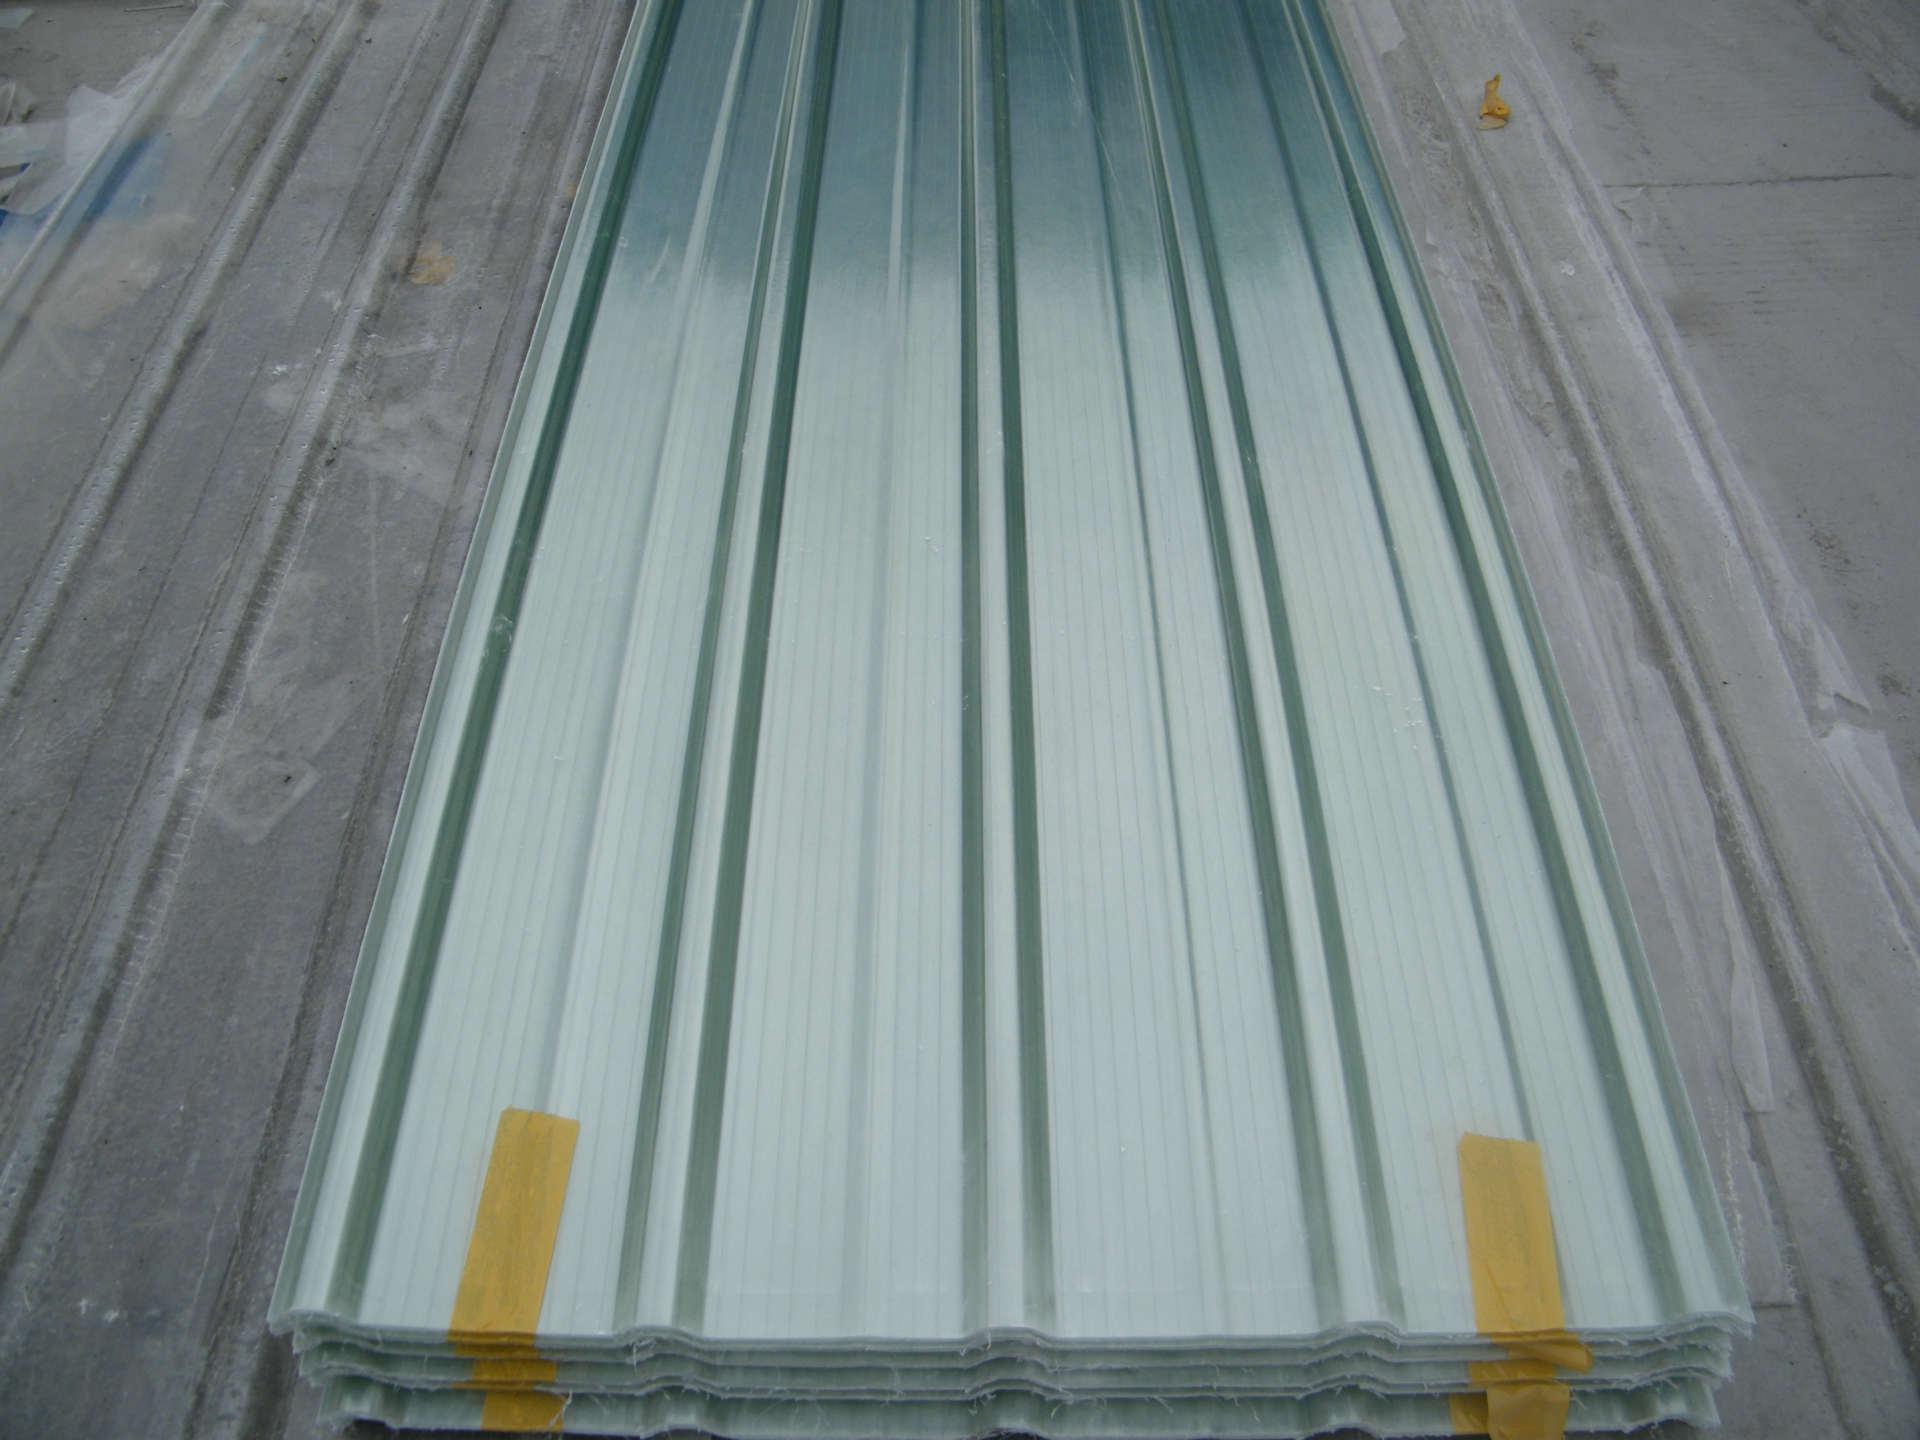 frp采光瓦-兰州透明瓦生产批发FRP采光瓦-透明瓦批发厂家